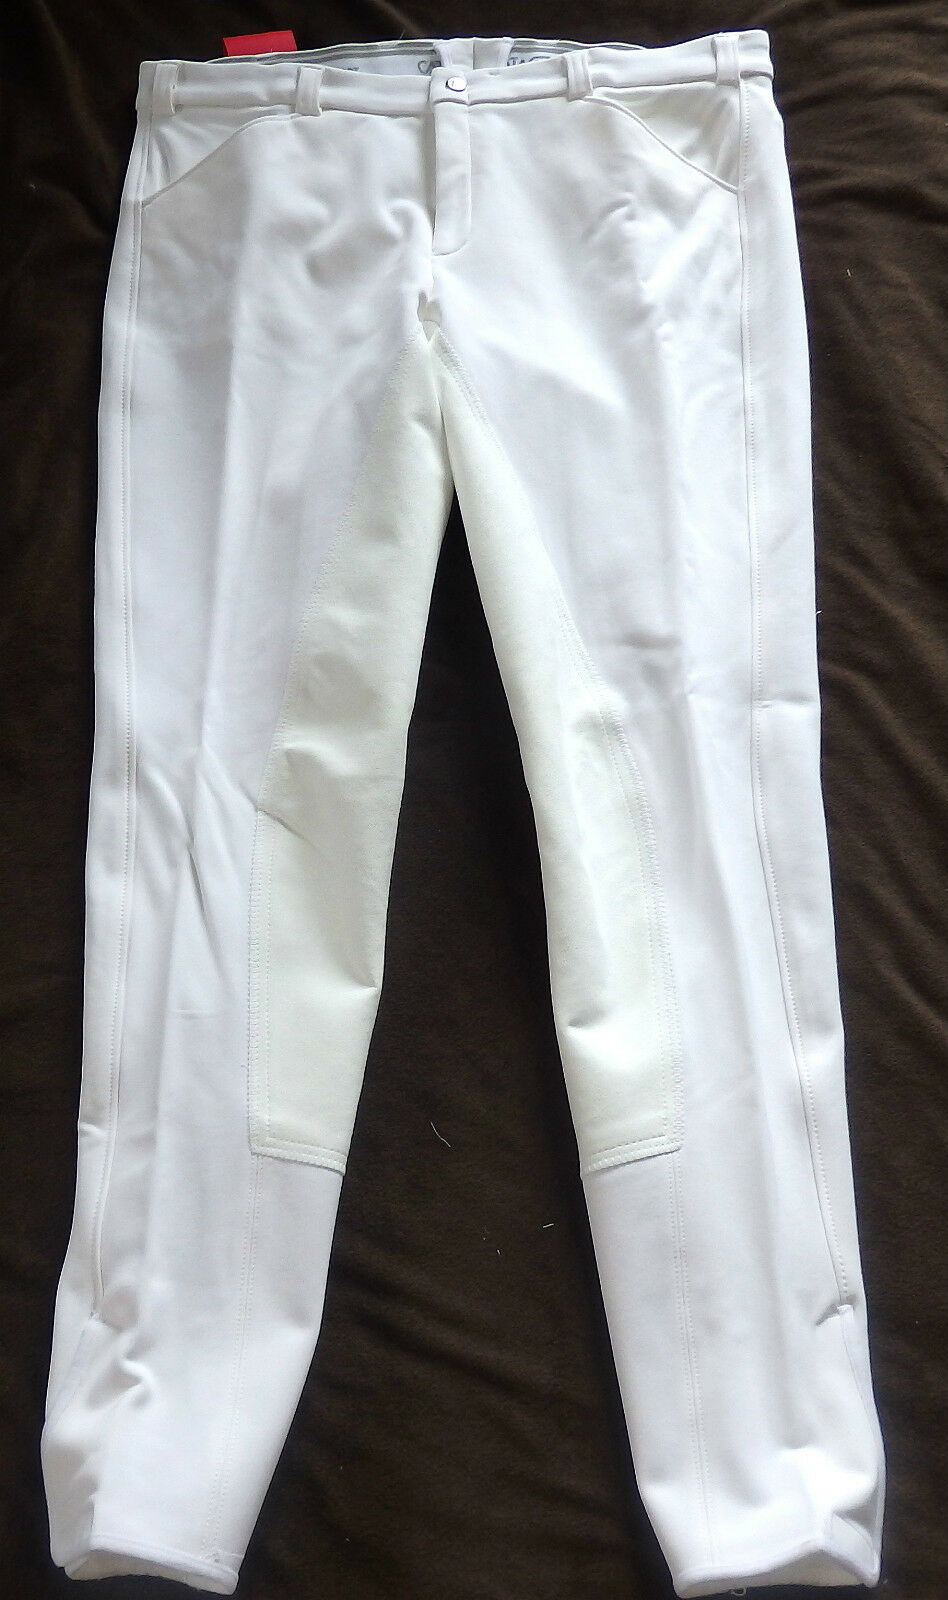 Catago Uomo Pantaloni Montala, 3 4 guarnizione in pieno, Bianco, Tg. 116 (197)